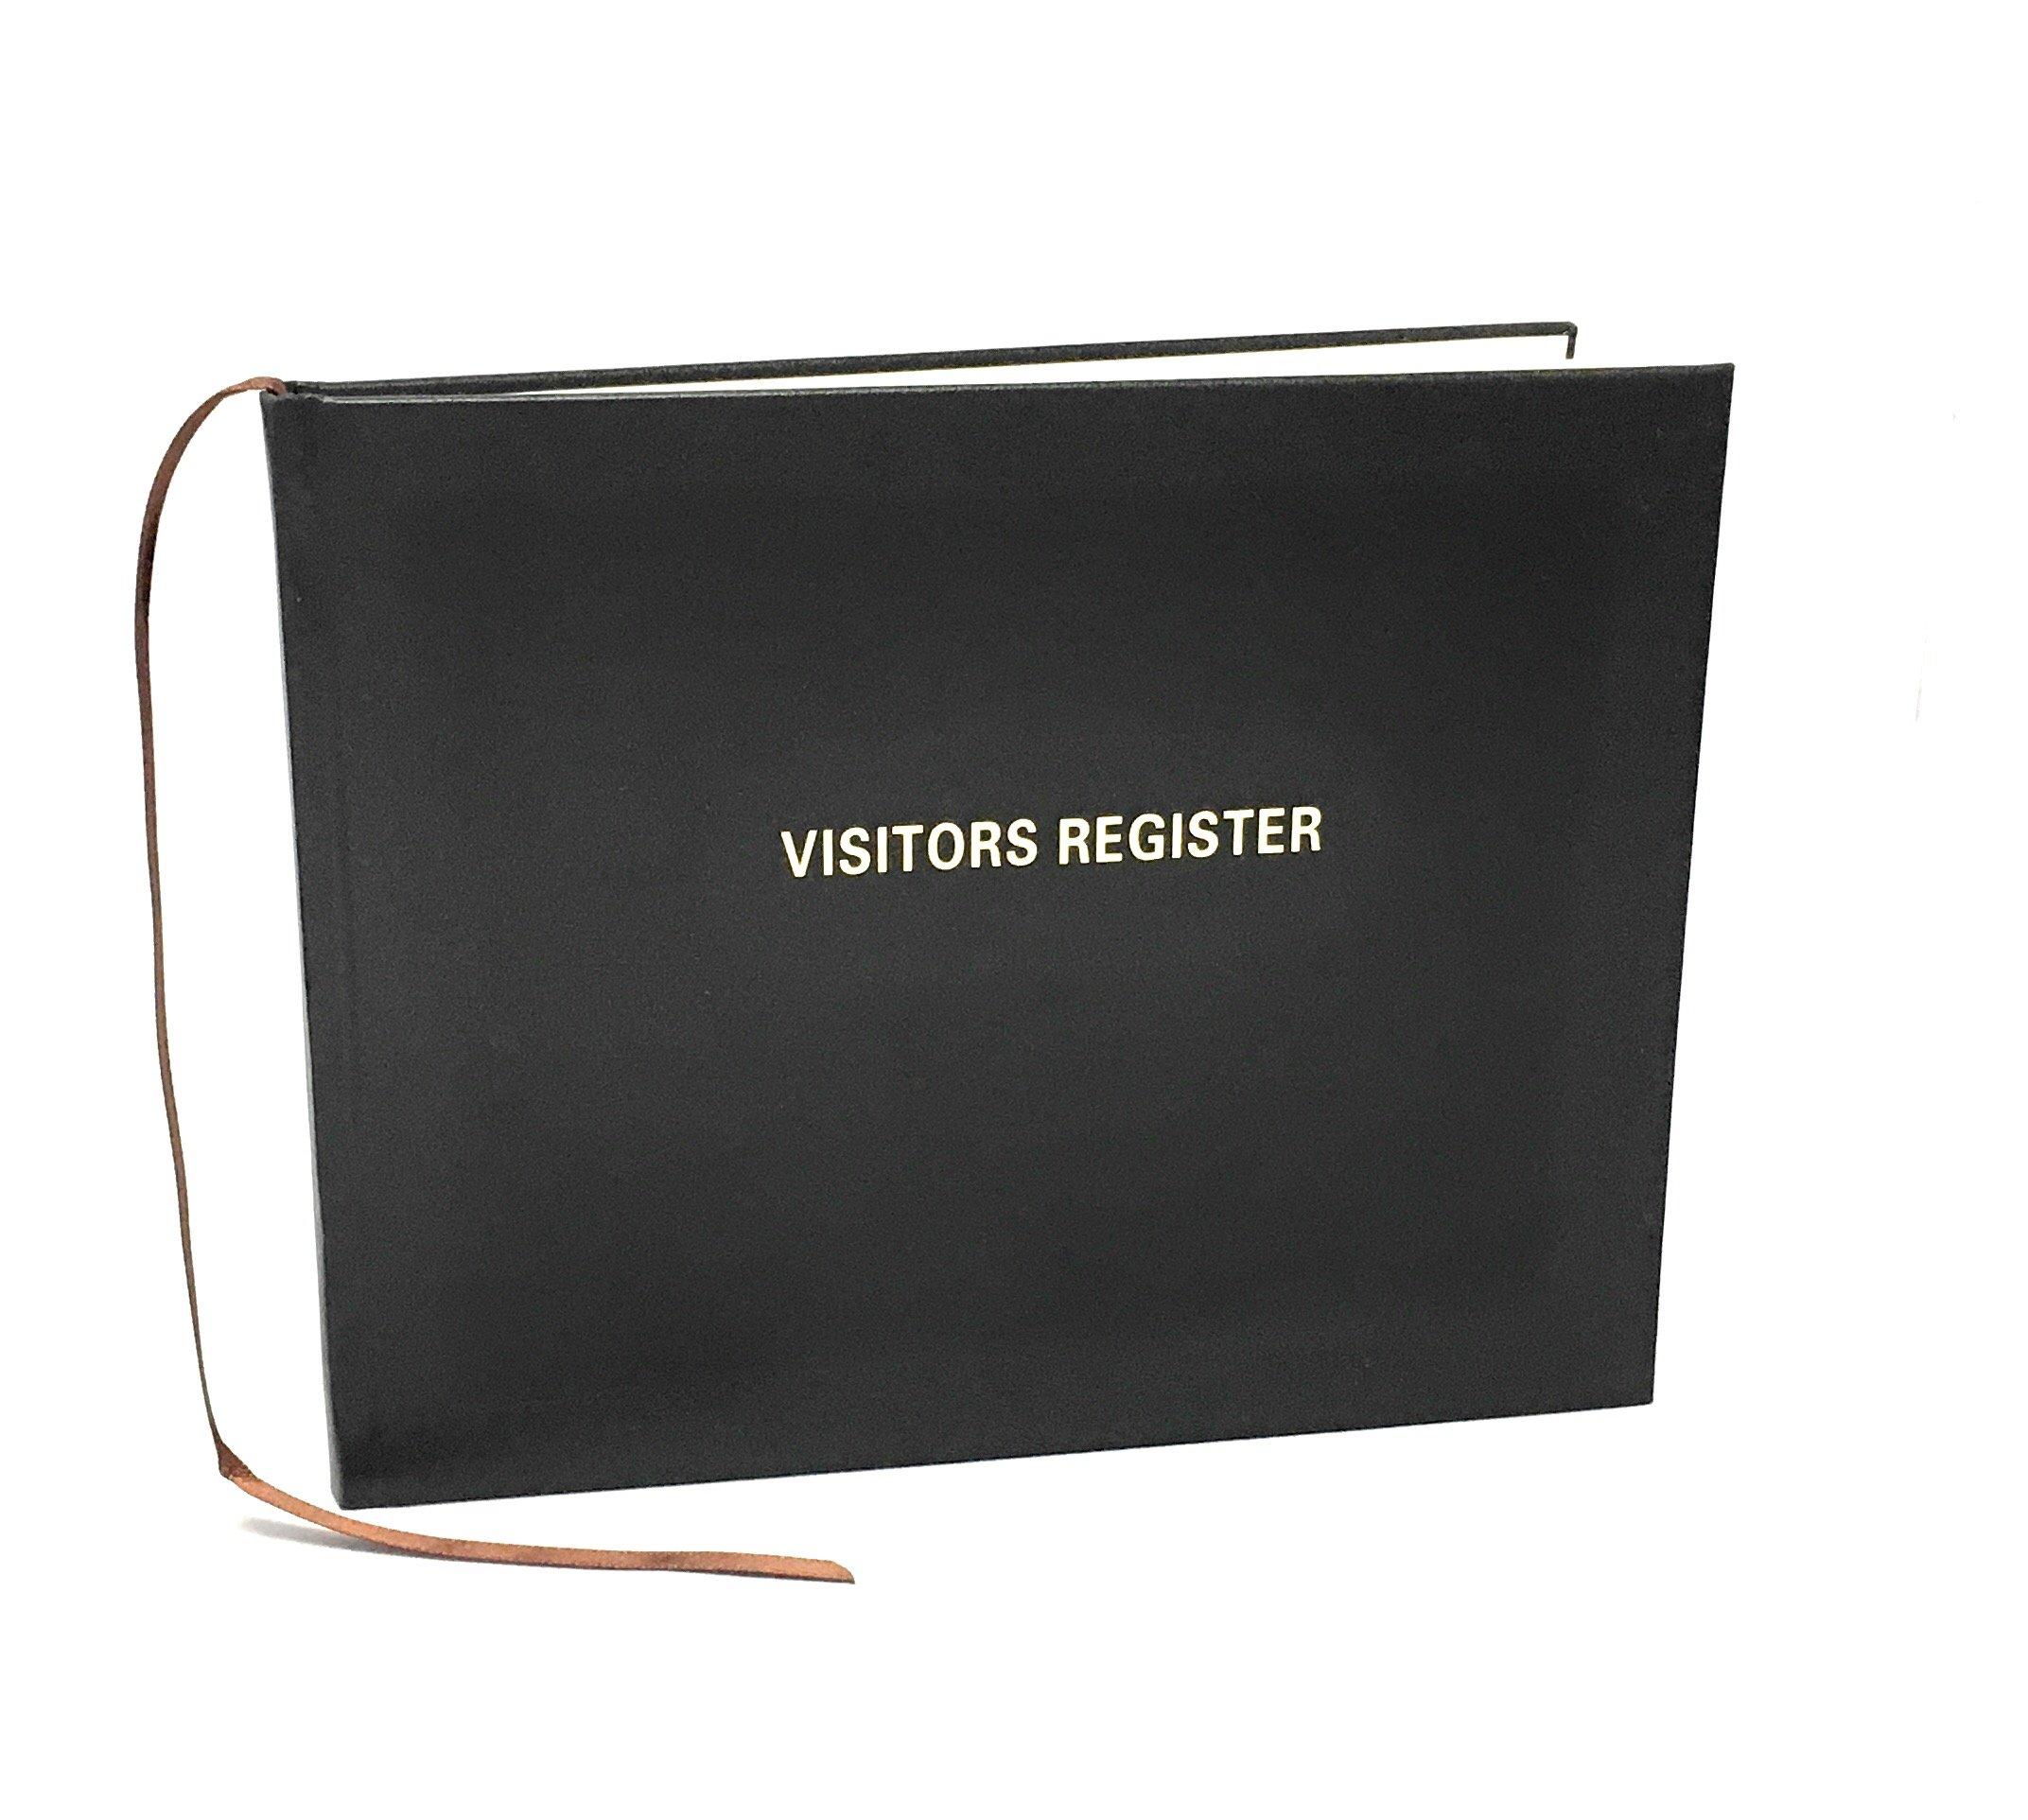 Visitors Register Book, 120 Pages, 8 7/8'' X 7'', Black Hardbound Cover, Smyth Sewn